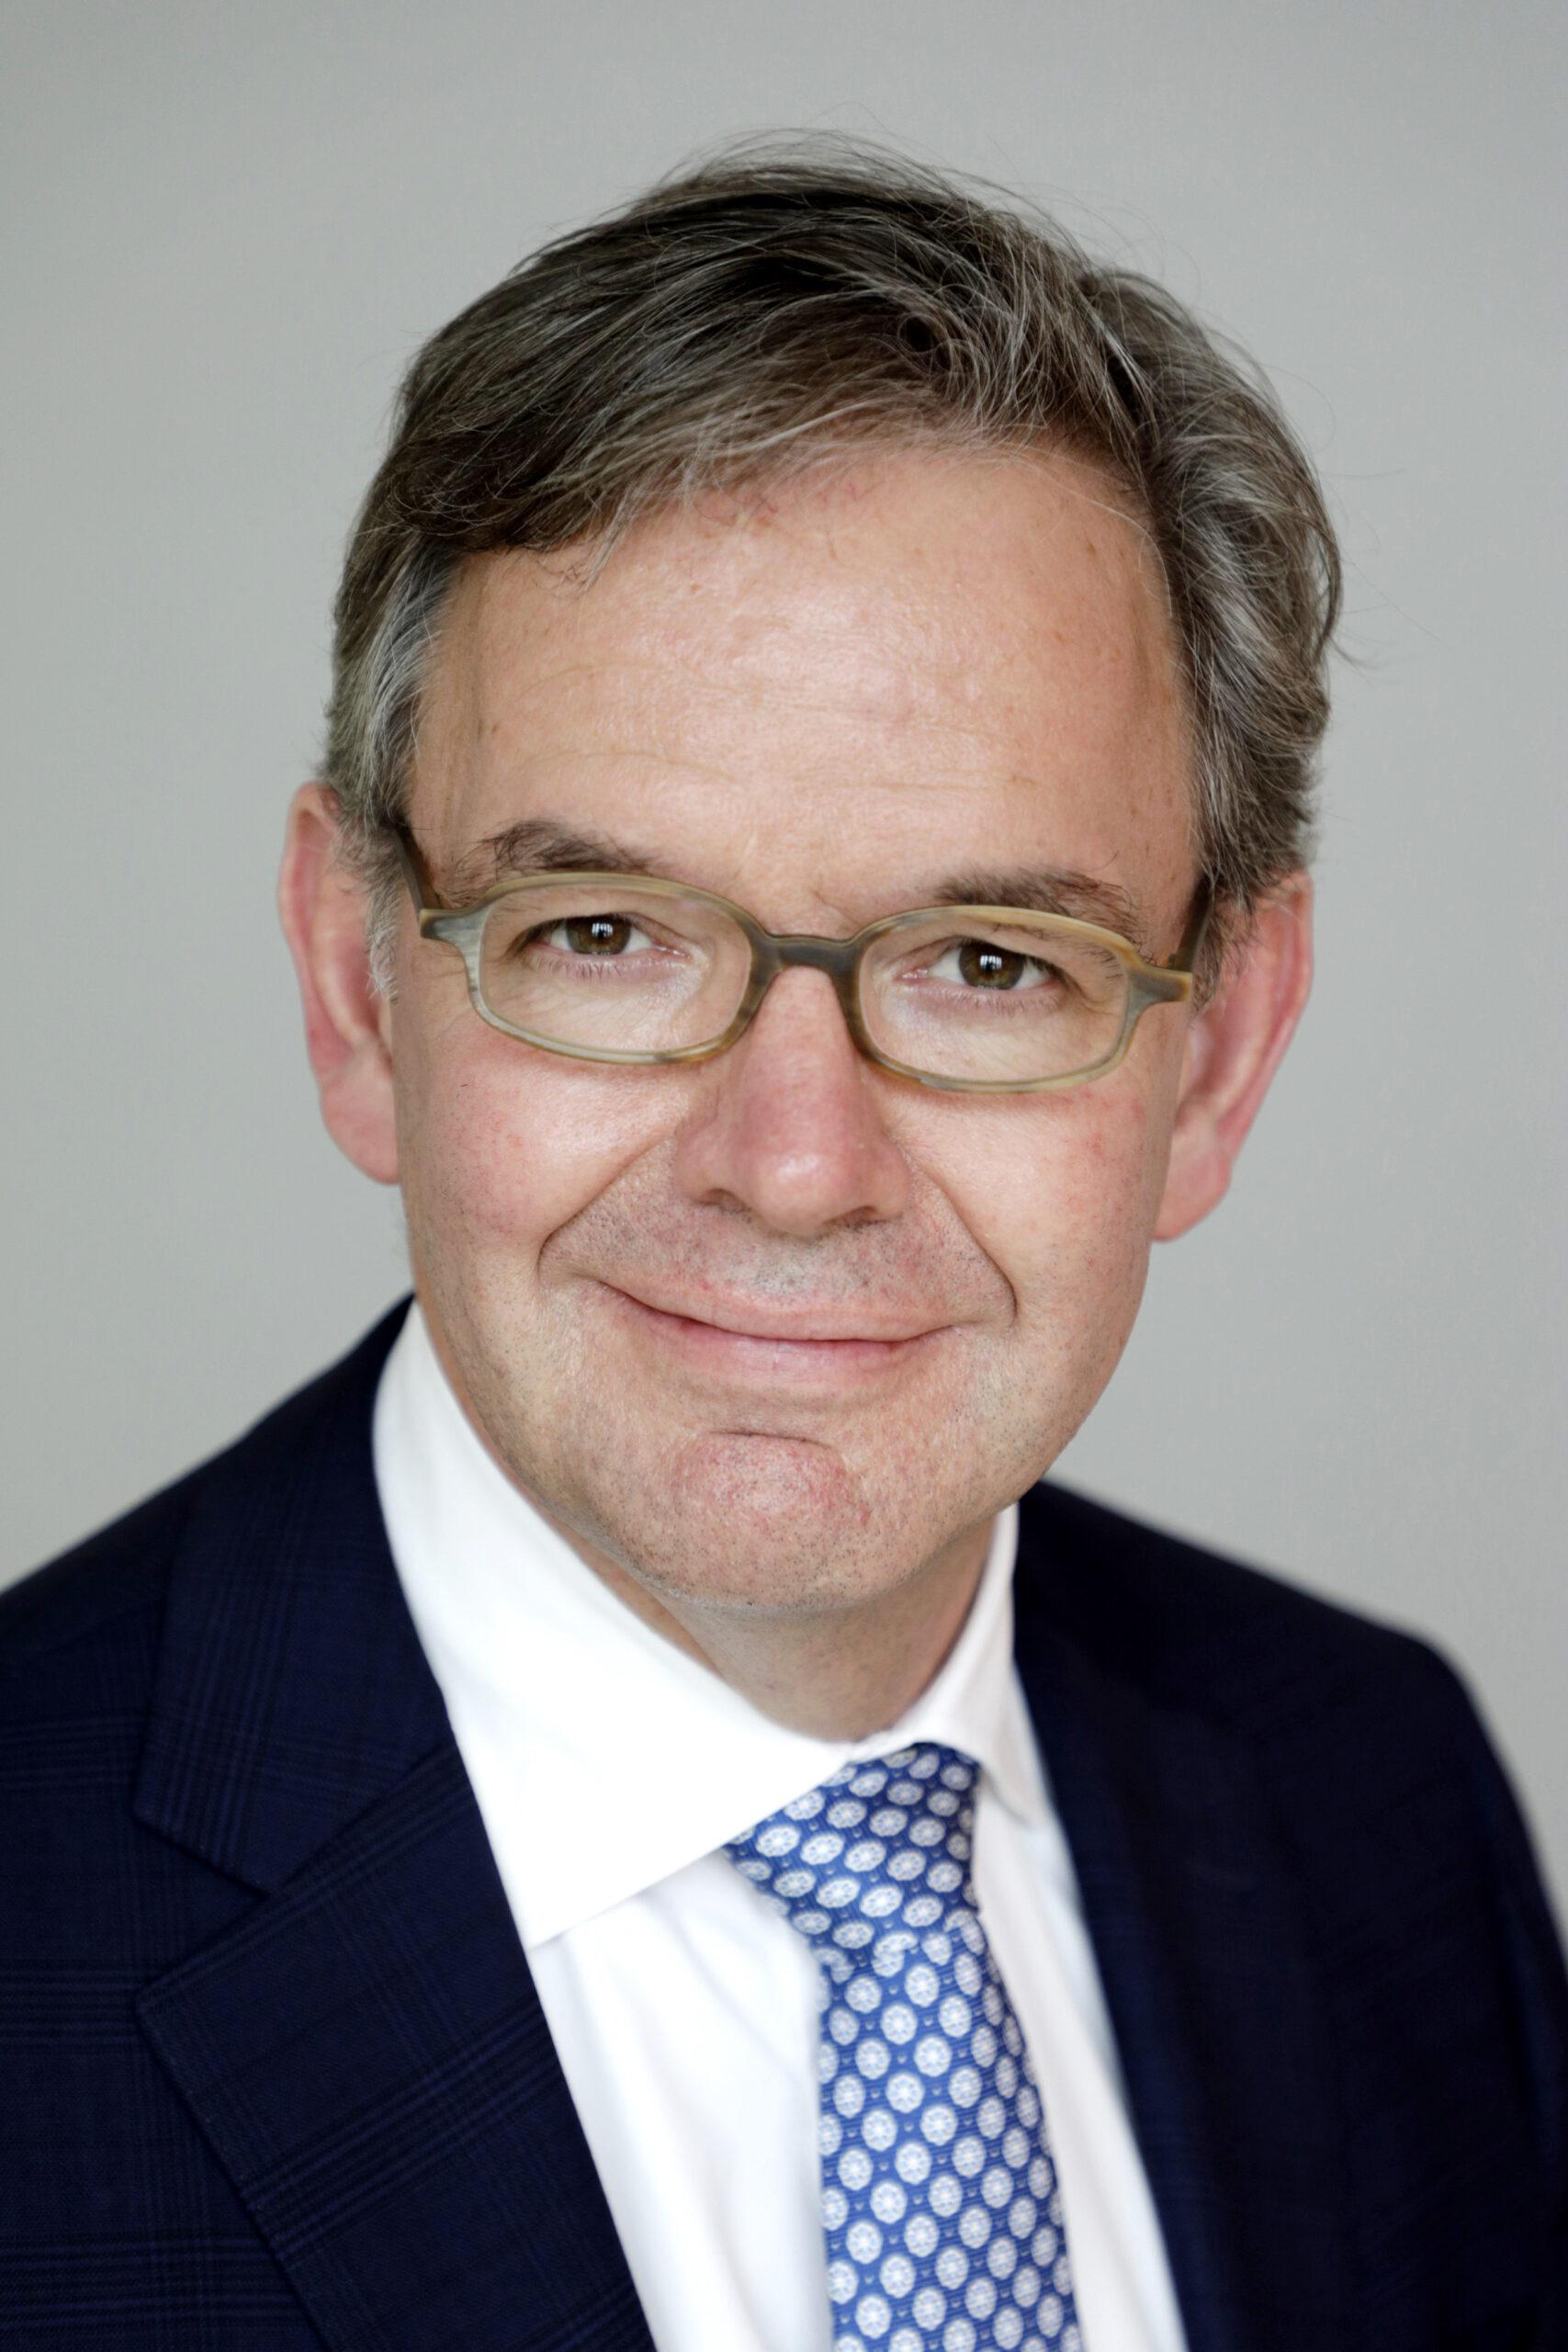 Steven Maijoor